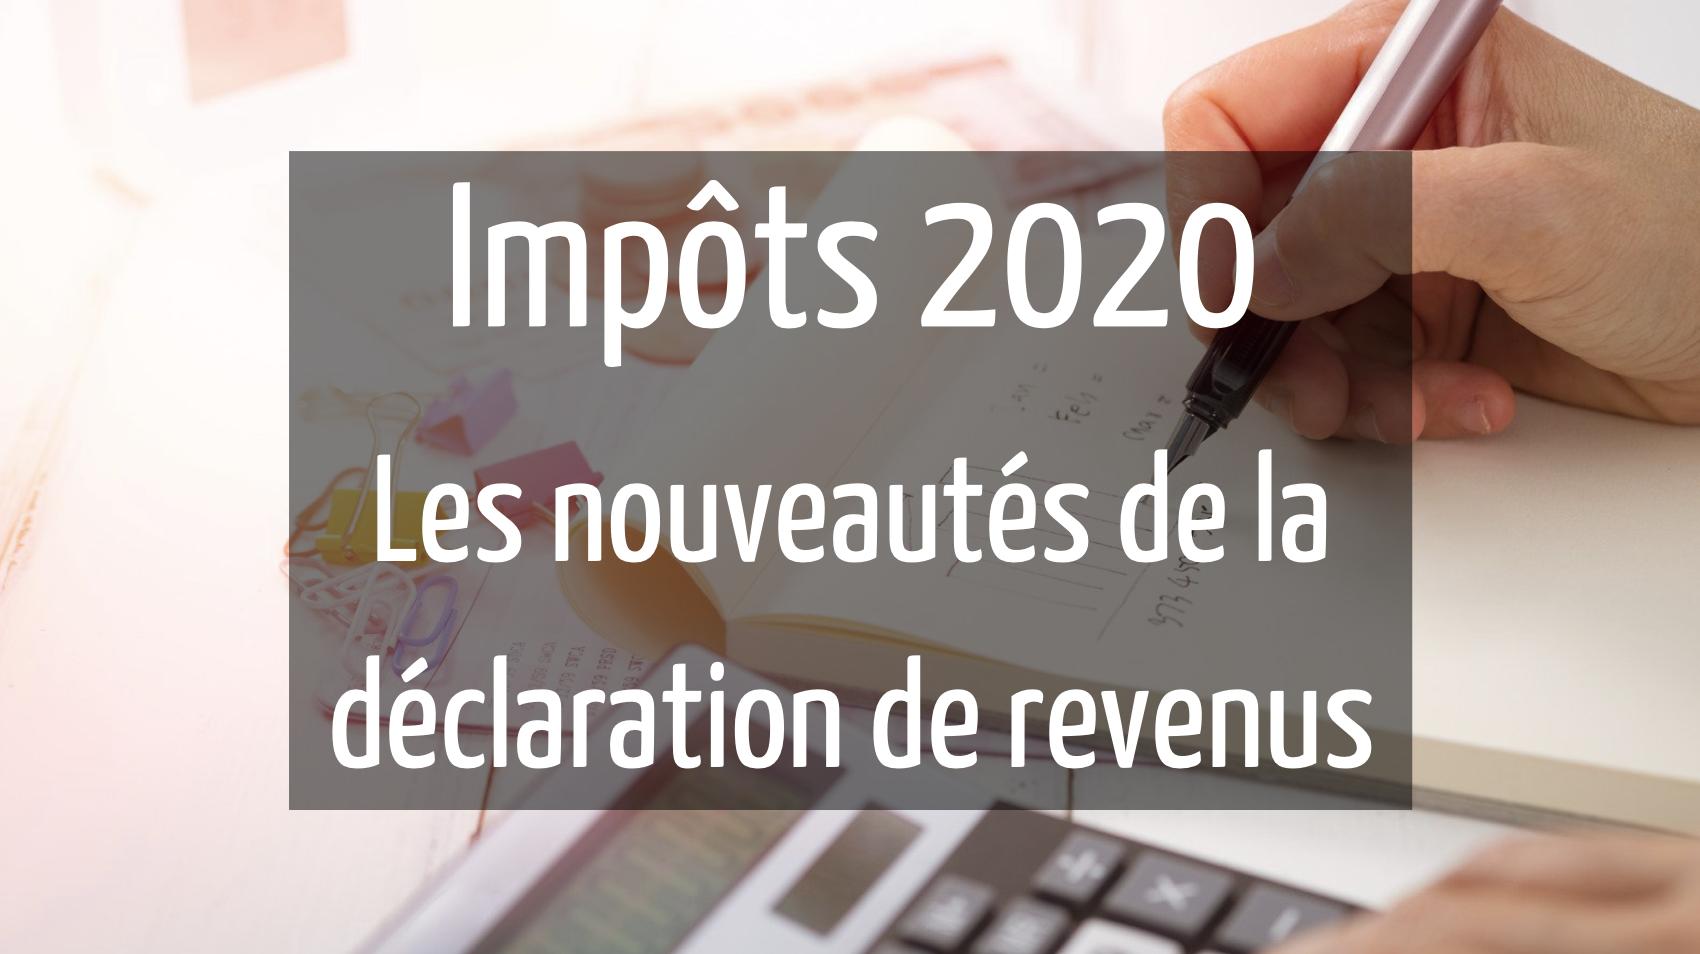 Les nouveautés de la déclaration de revenus 2020 - D Conseils